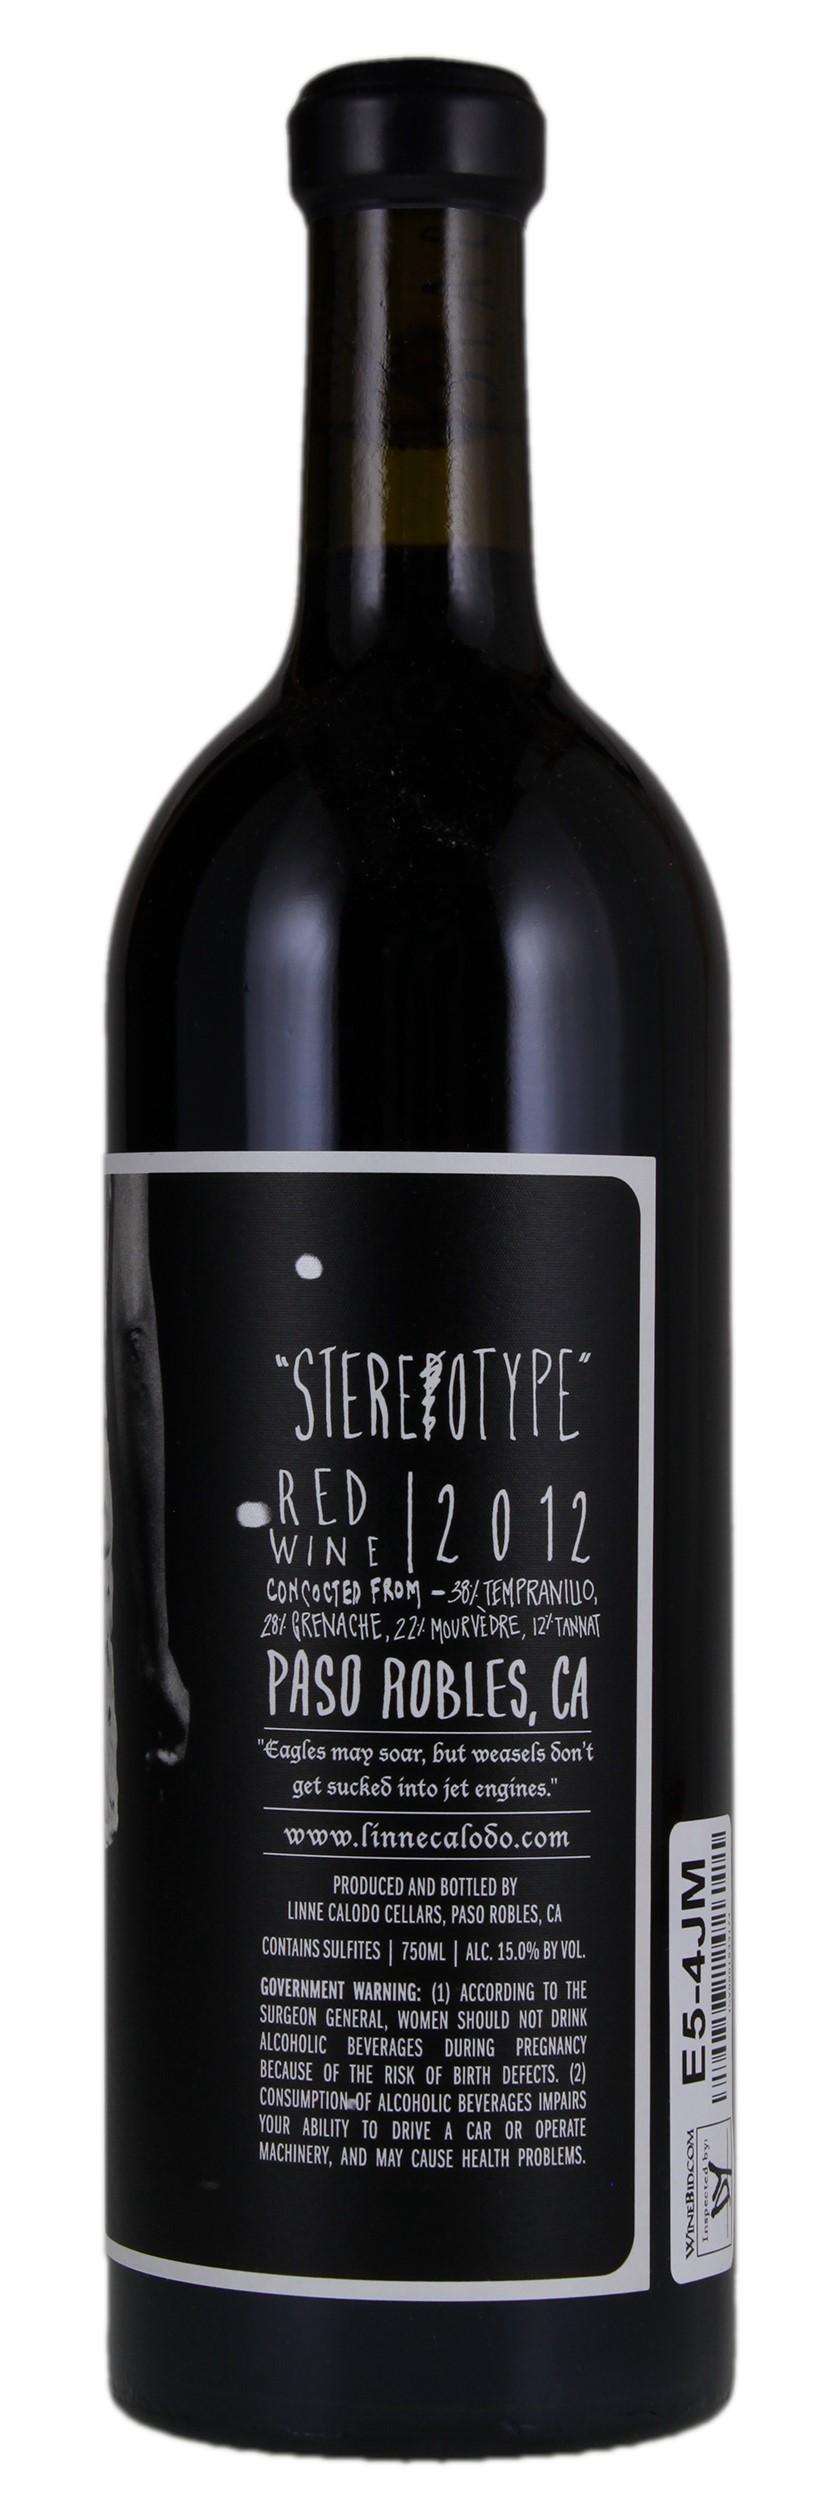 Linne Calodo Slacker Stereotype 2012, Red Wine from United